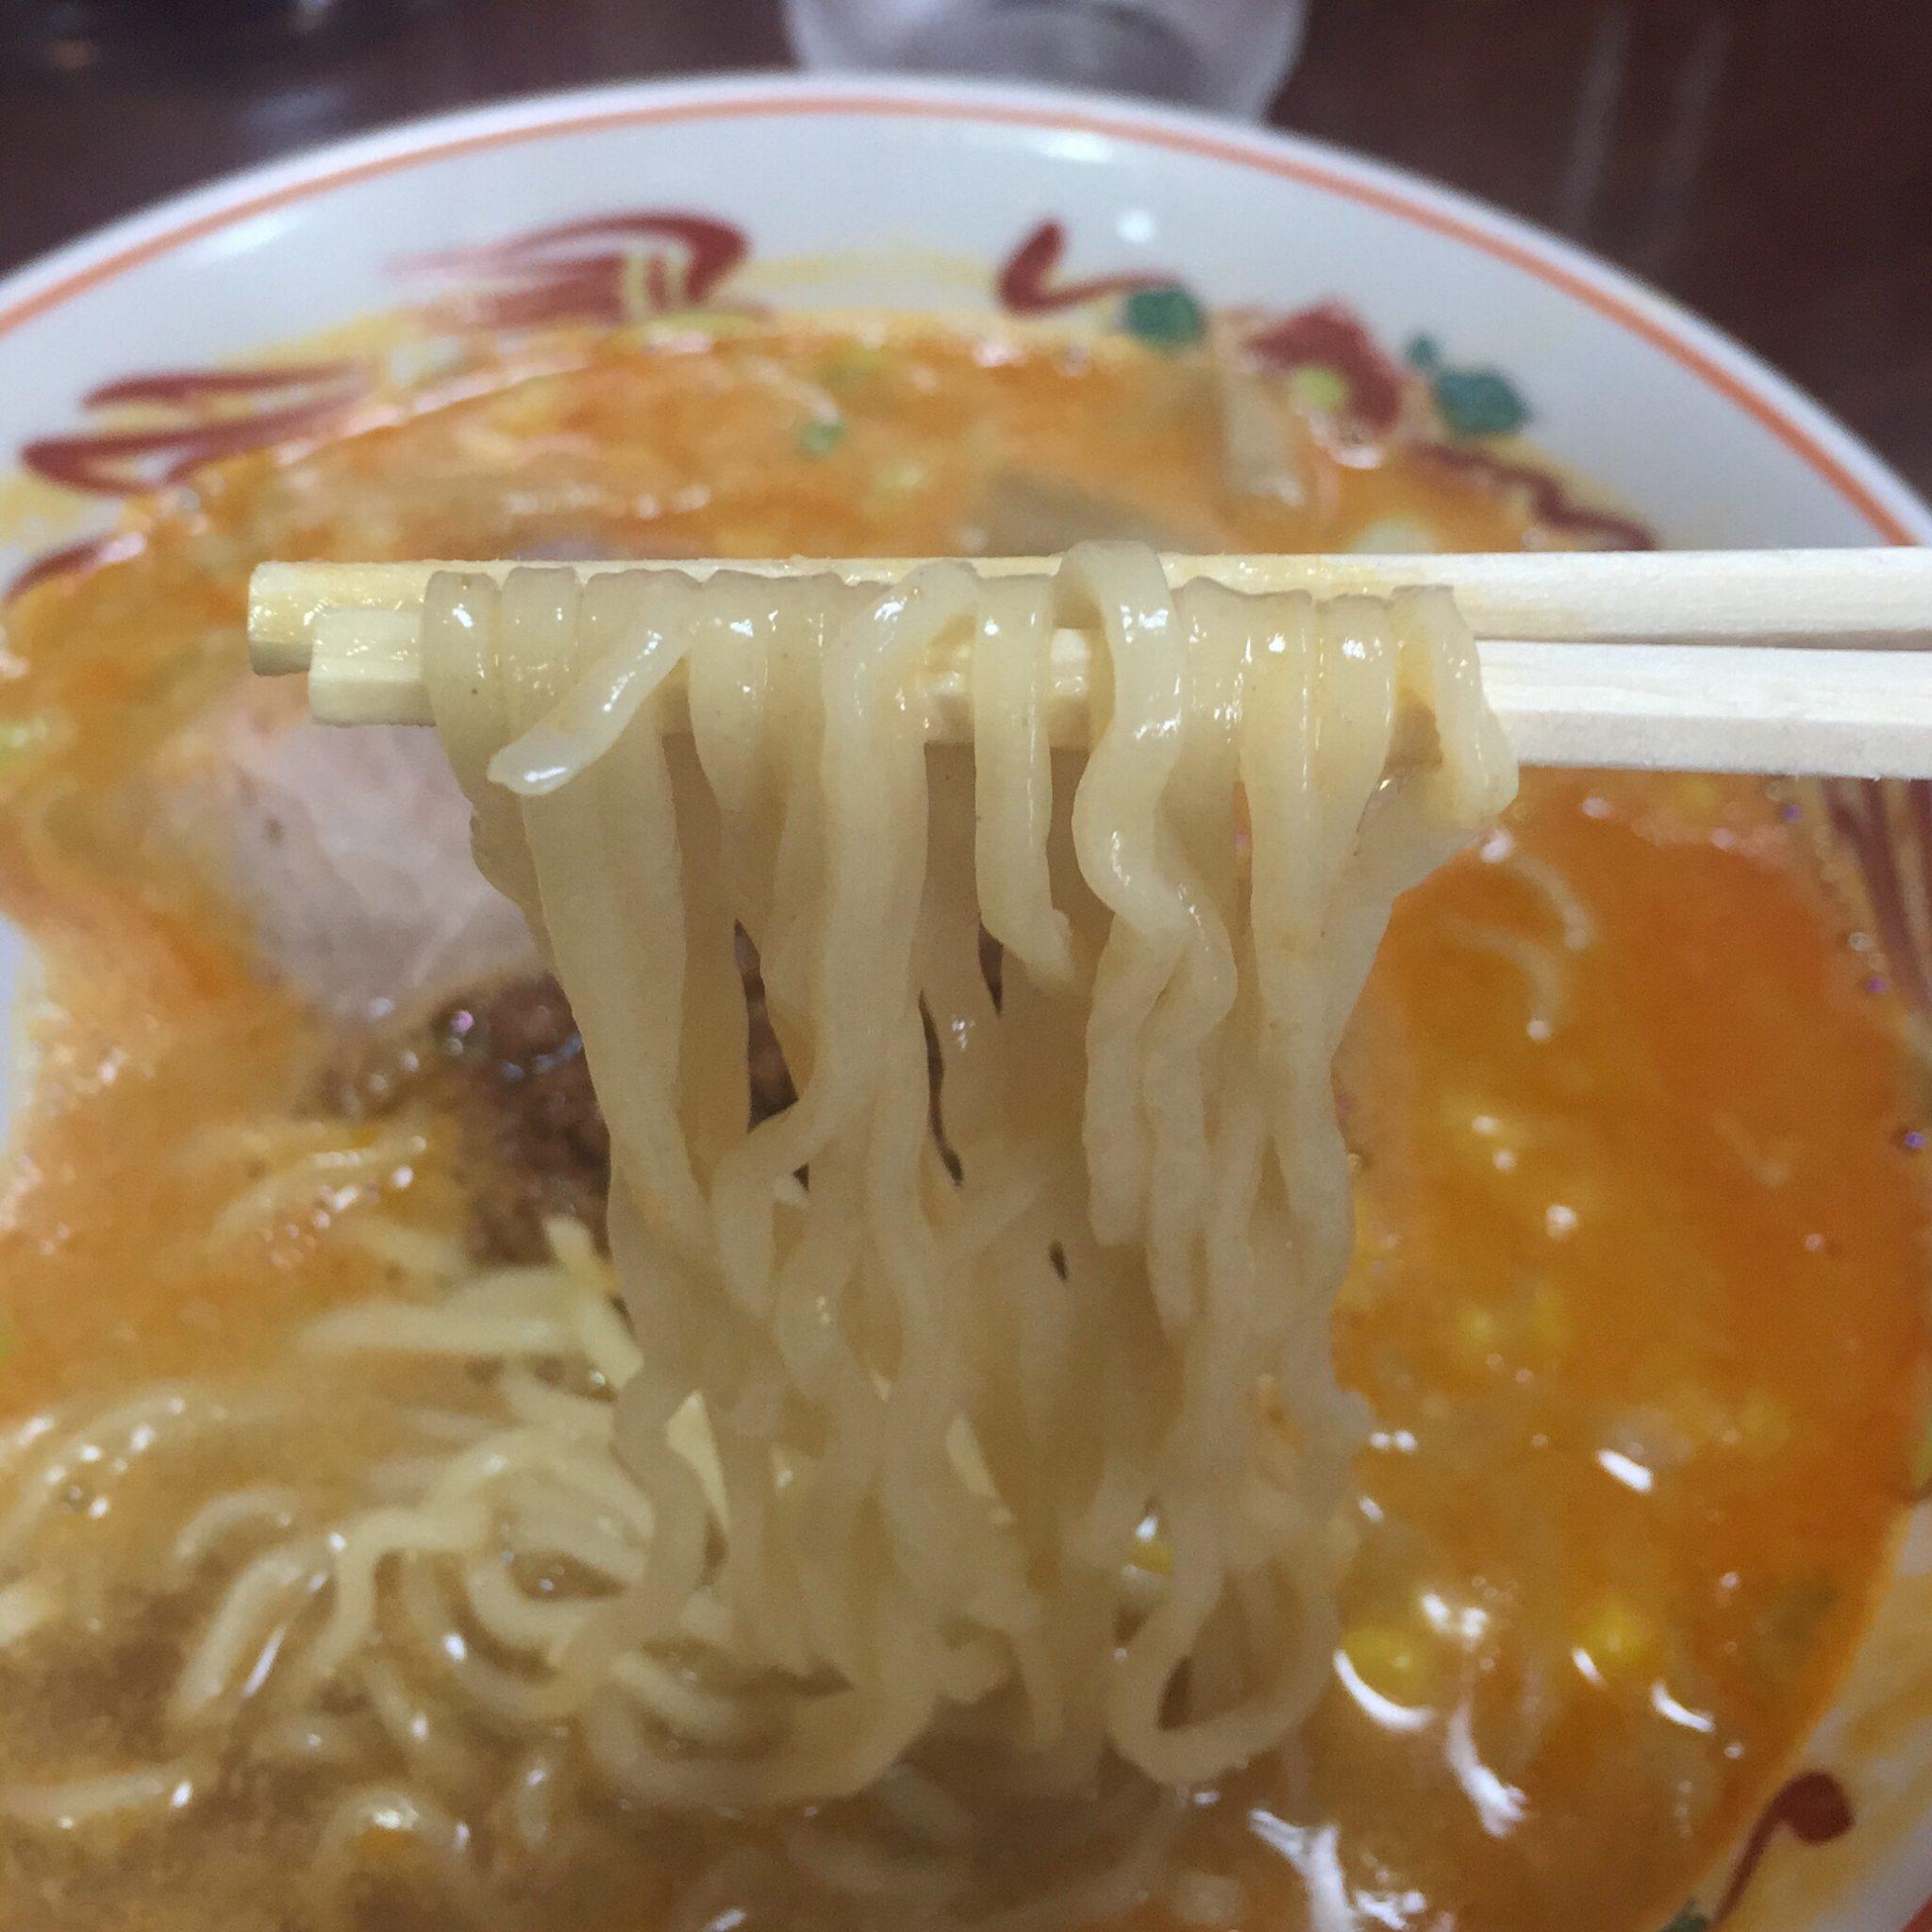 担々麺の店 福の家北店 担々麺 麺